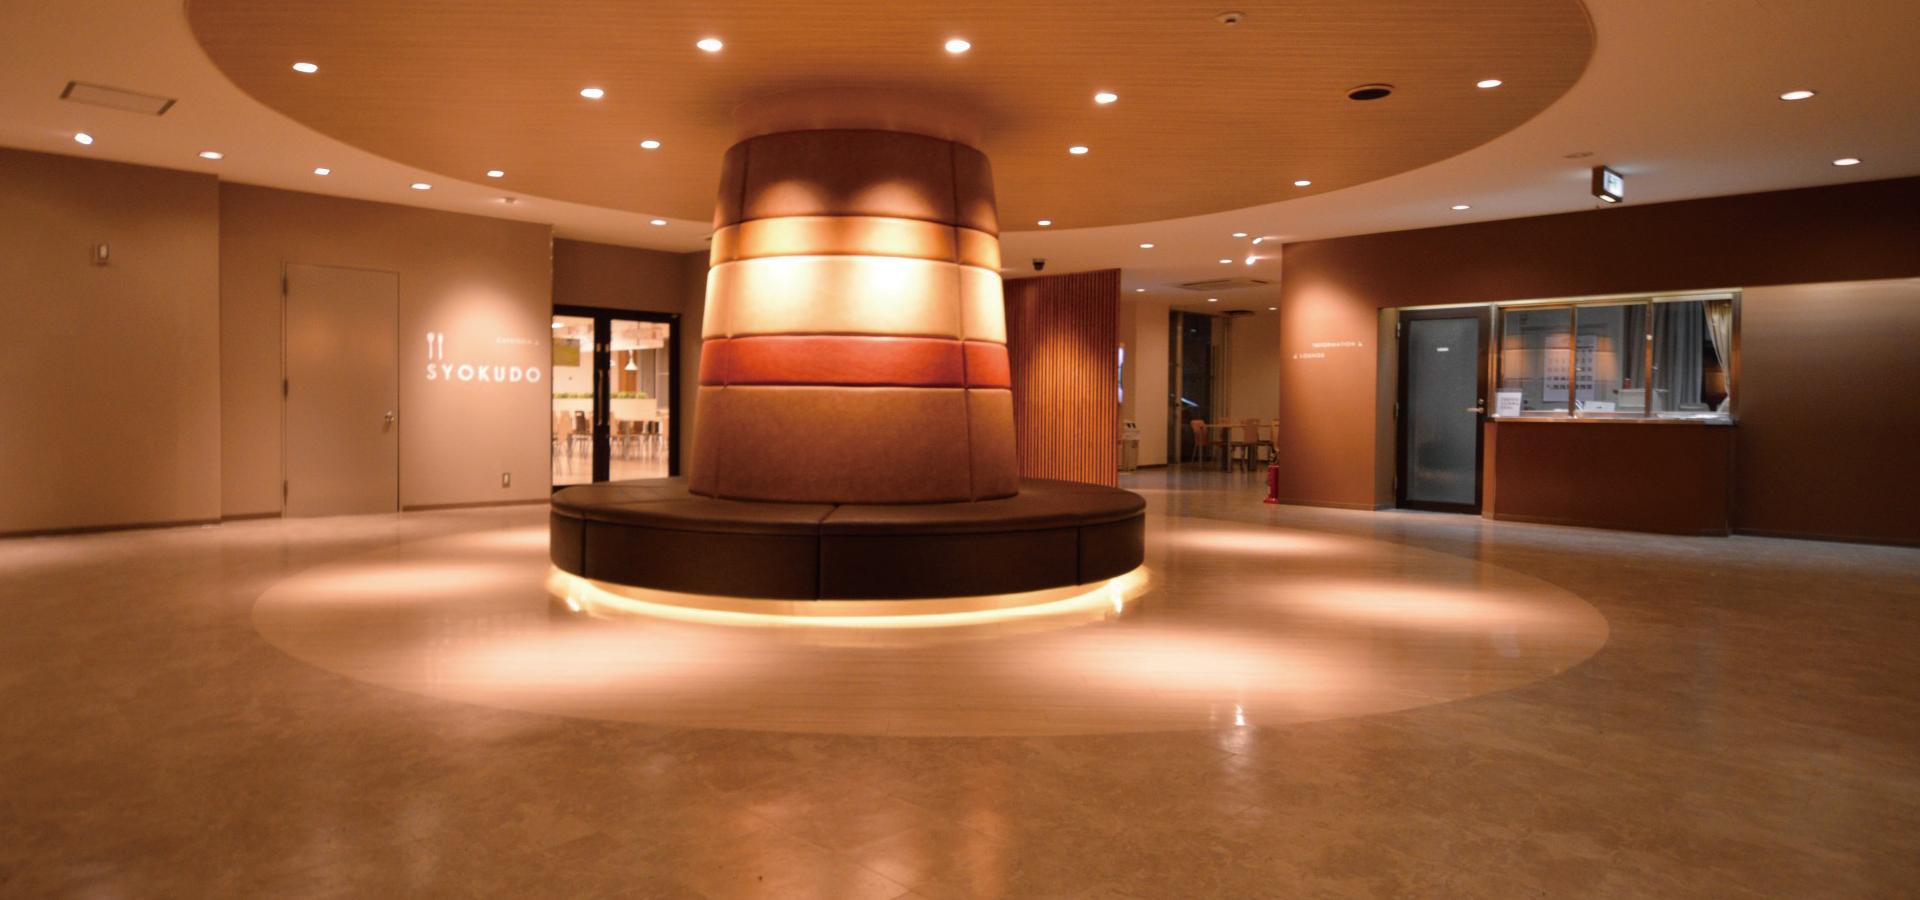 「ティーズカレッジ梅田北」開放的でおしゃれなエントランス 宅都プロパティ大阪学生向けマンション総合サイト|studentroom